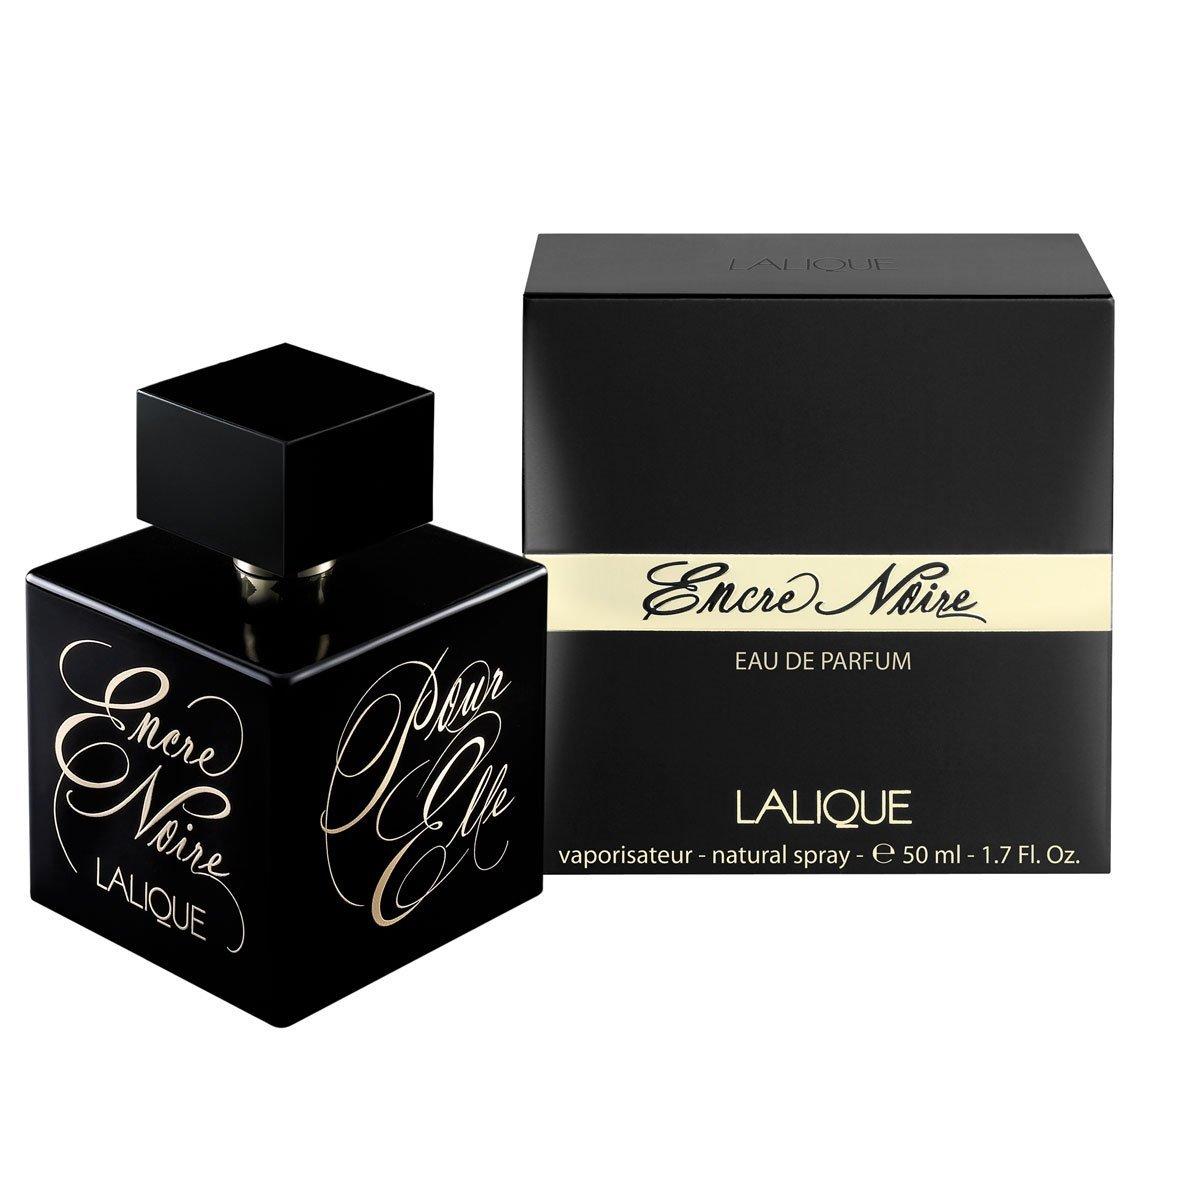 Encre Noire Pour Elle Lalique Parfum Un Parfum Pour Femme 2009